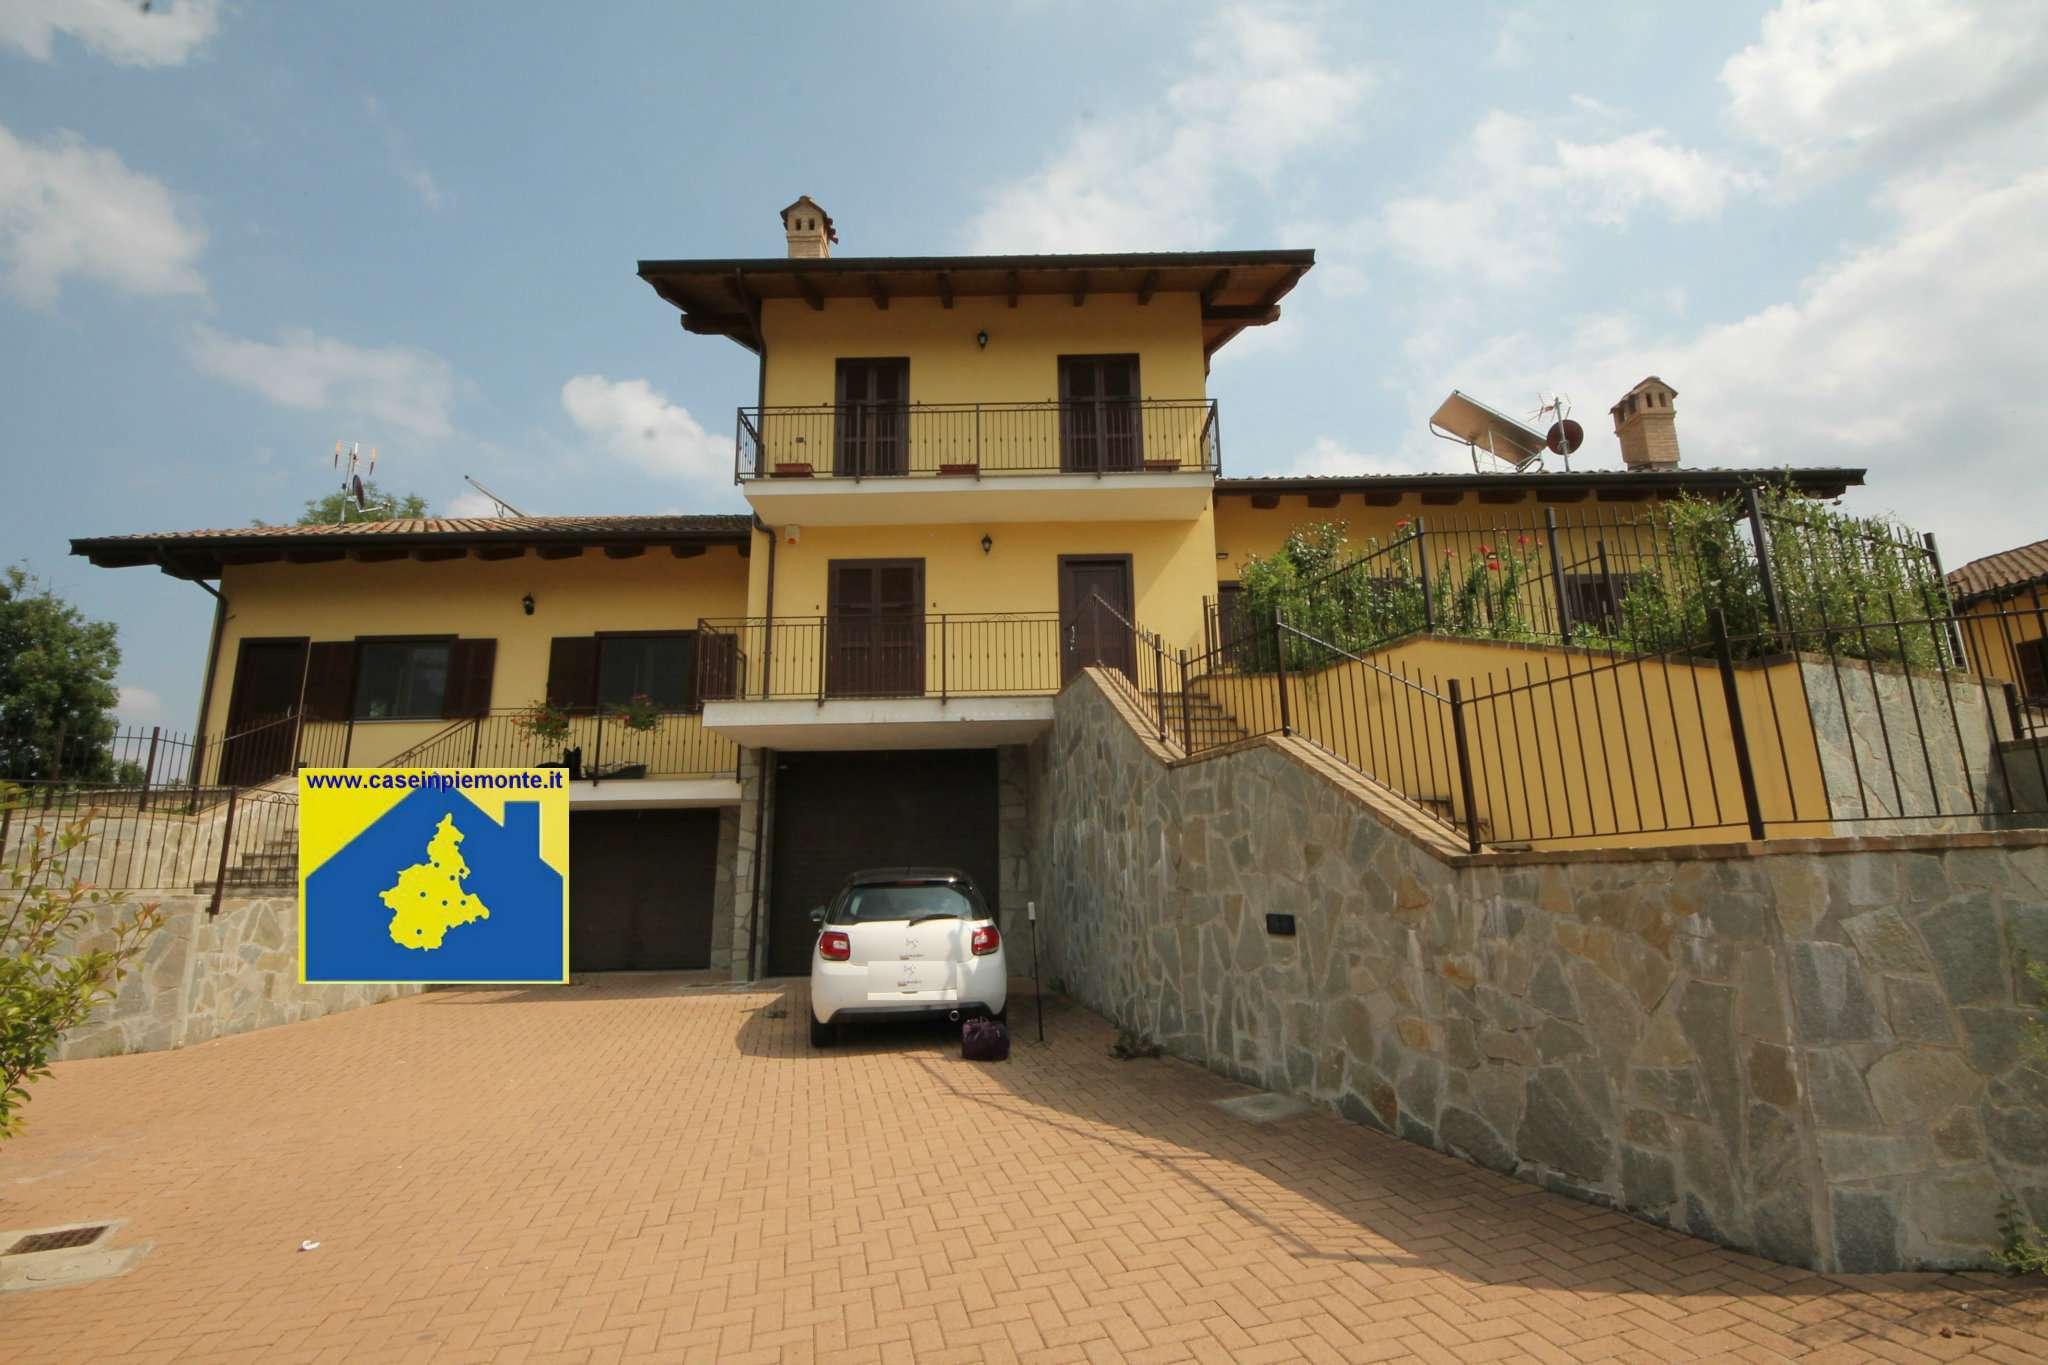 Villa in vendita a Avigliana, 6 locali, prezzo € 249.000 | CambioCasa.it